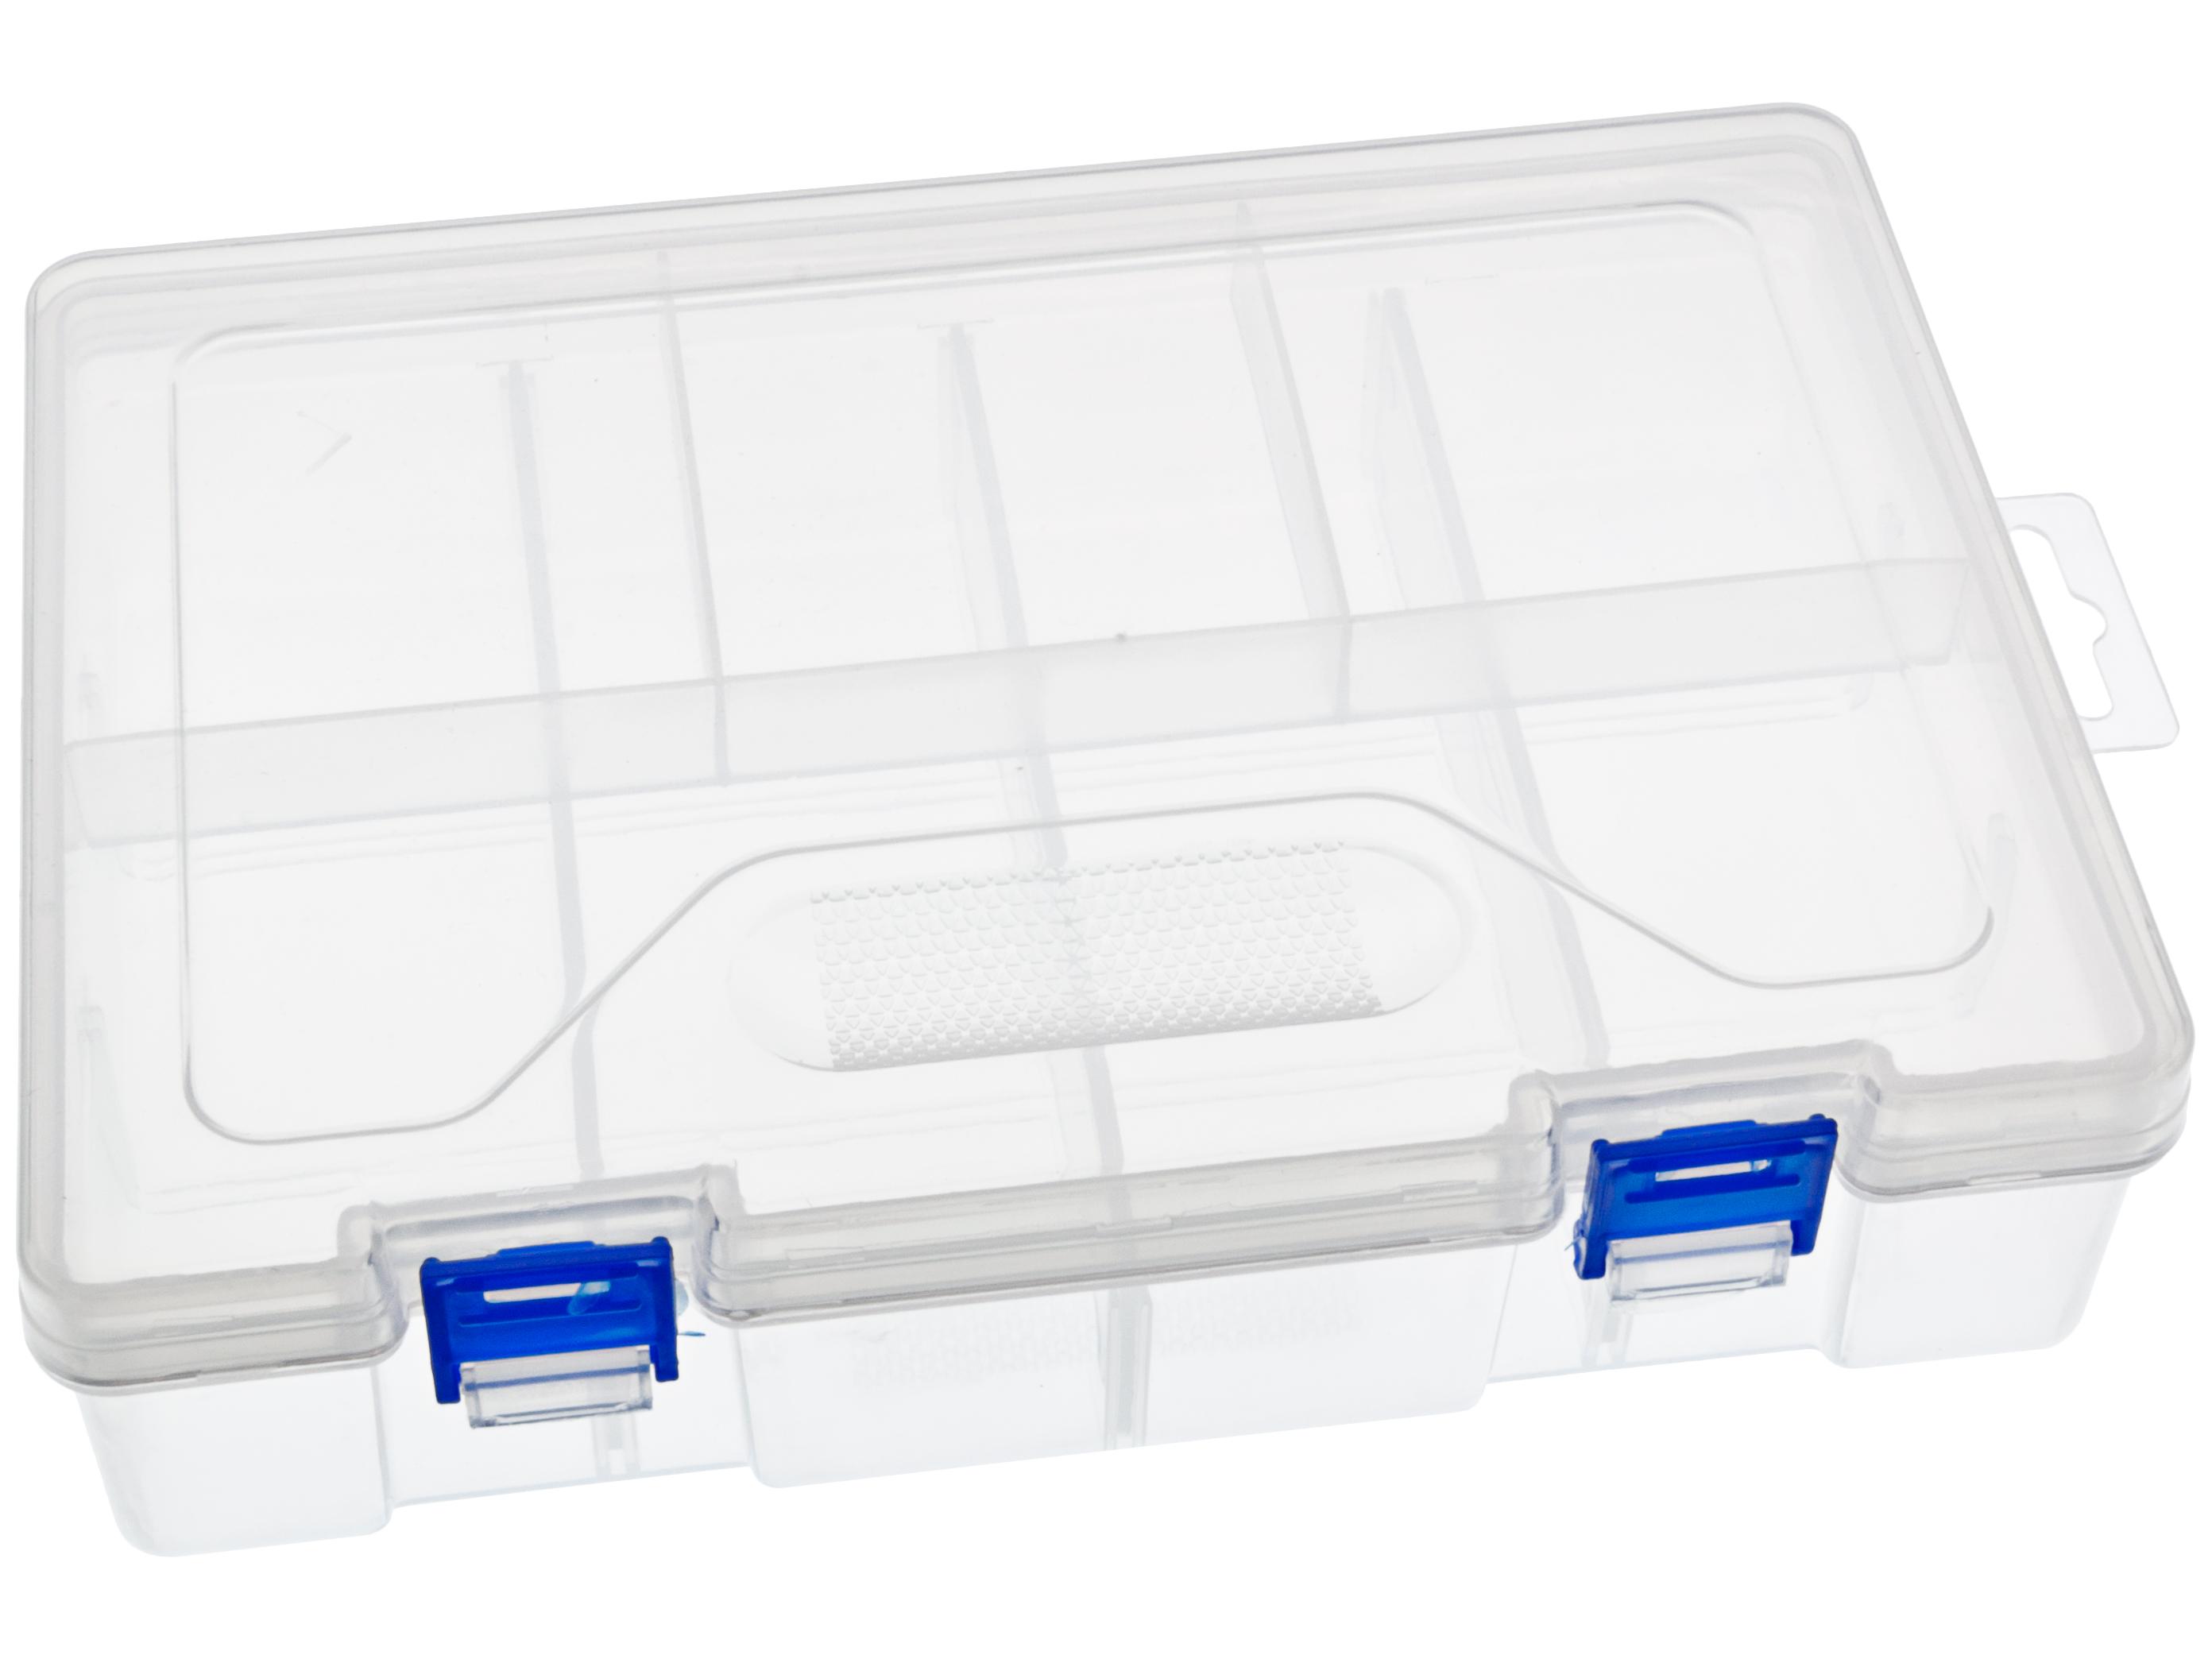 Splitter nya Köp Förvaringslåda 225 x 155 x 60mm 8 fack till rätt pris @ Electrokit NS-73